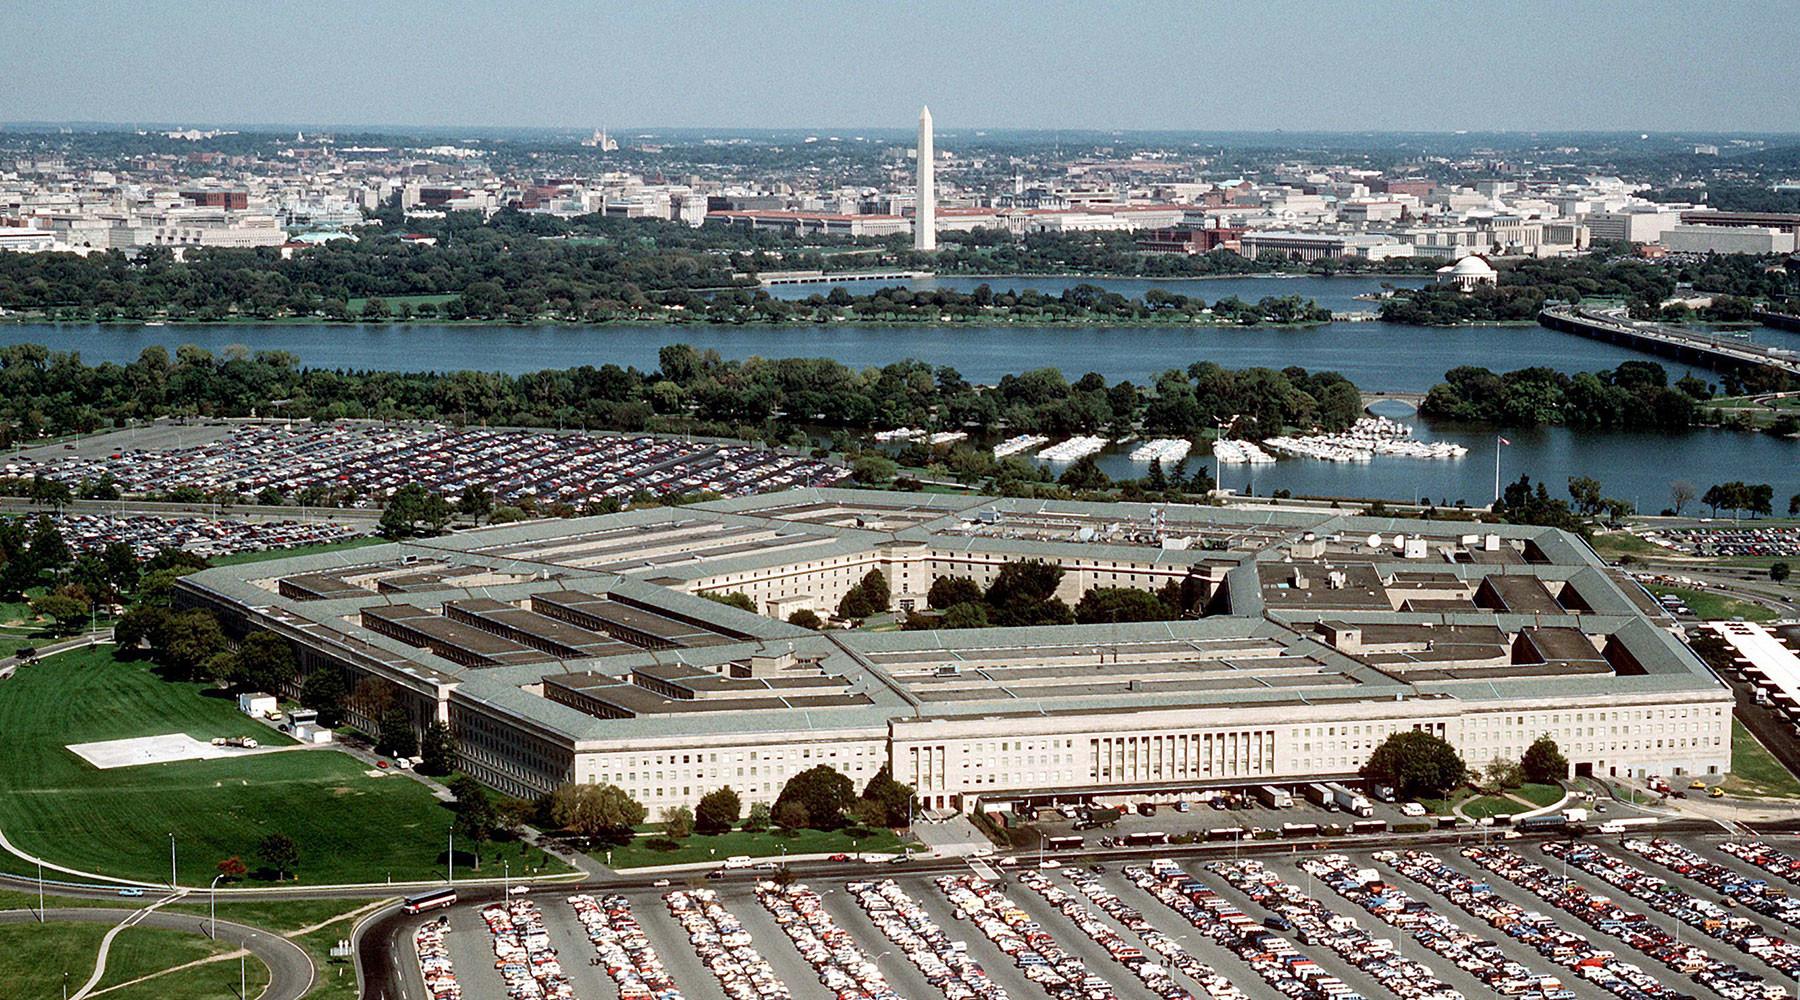 РАЗМЕЩЕНИЕ США СВОИХ ПУСКОВЫХ УСТАНОВОК НА БАЗЕ ПРО В РУМЫНИИ»